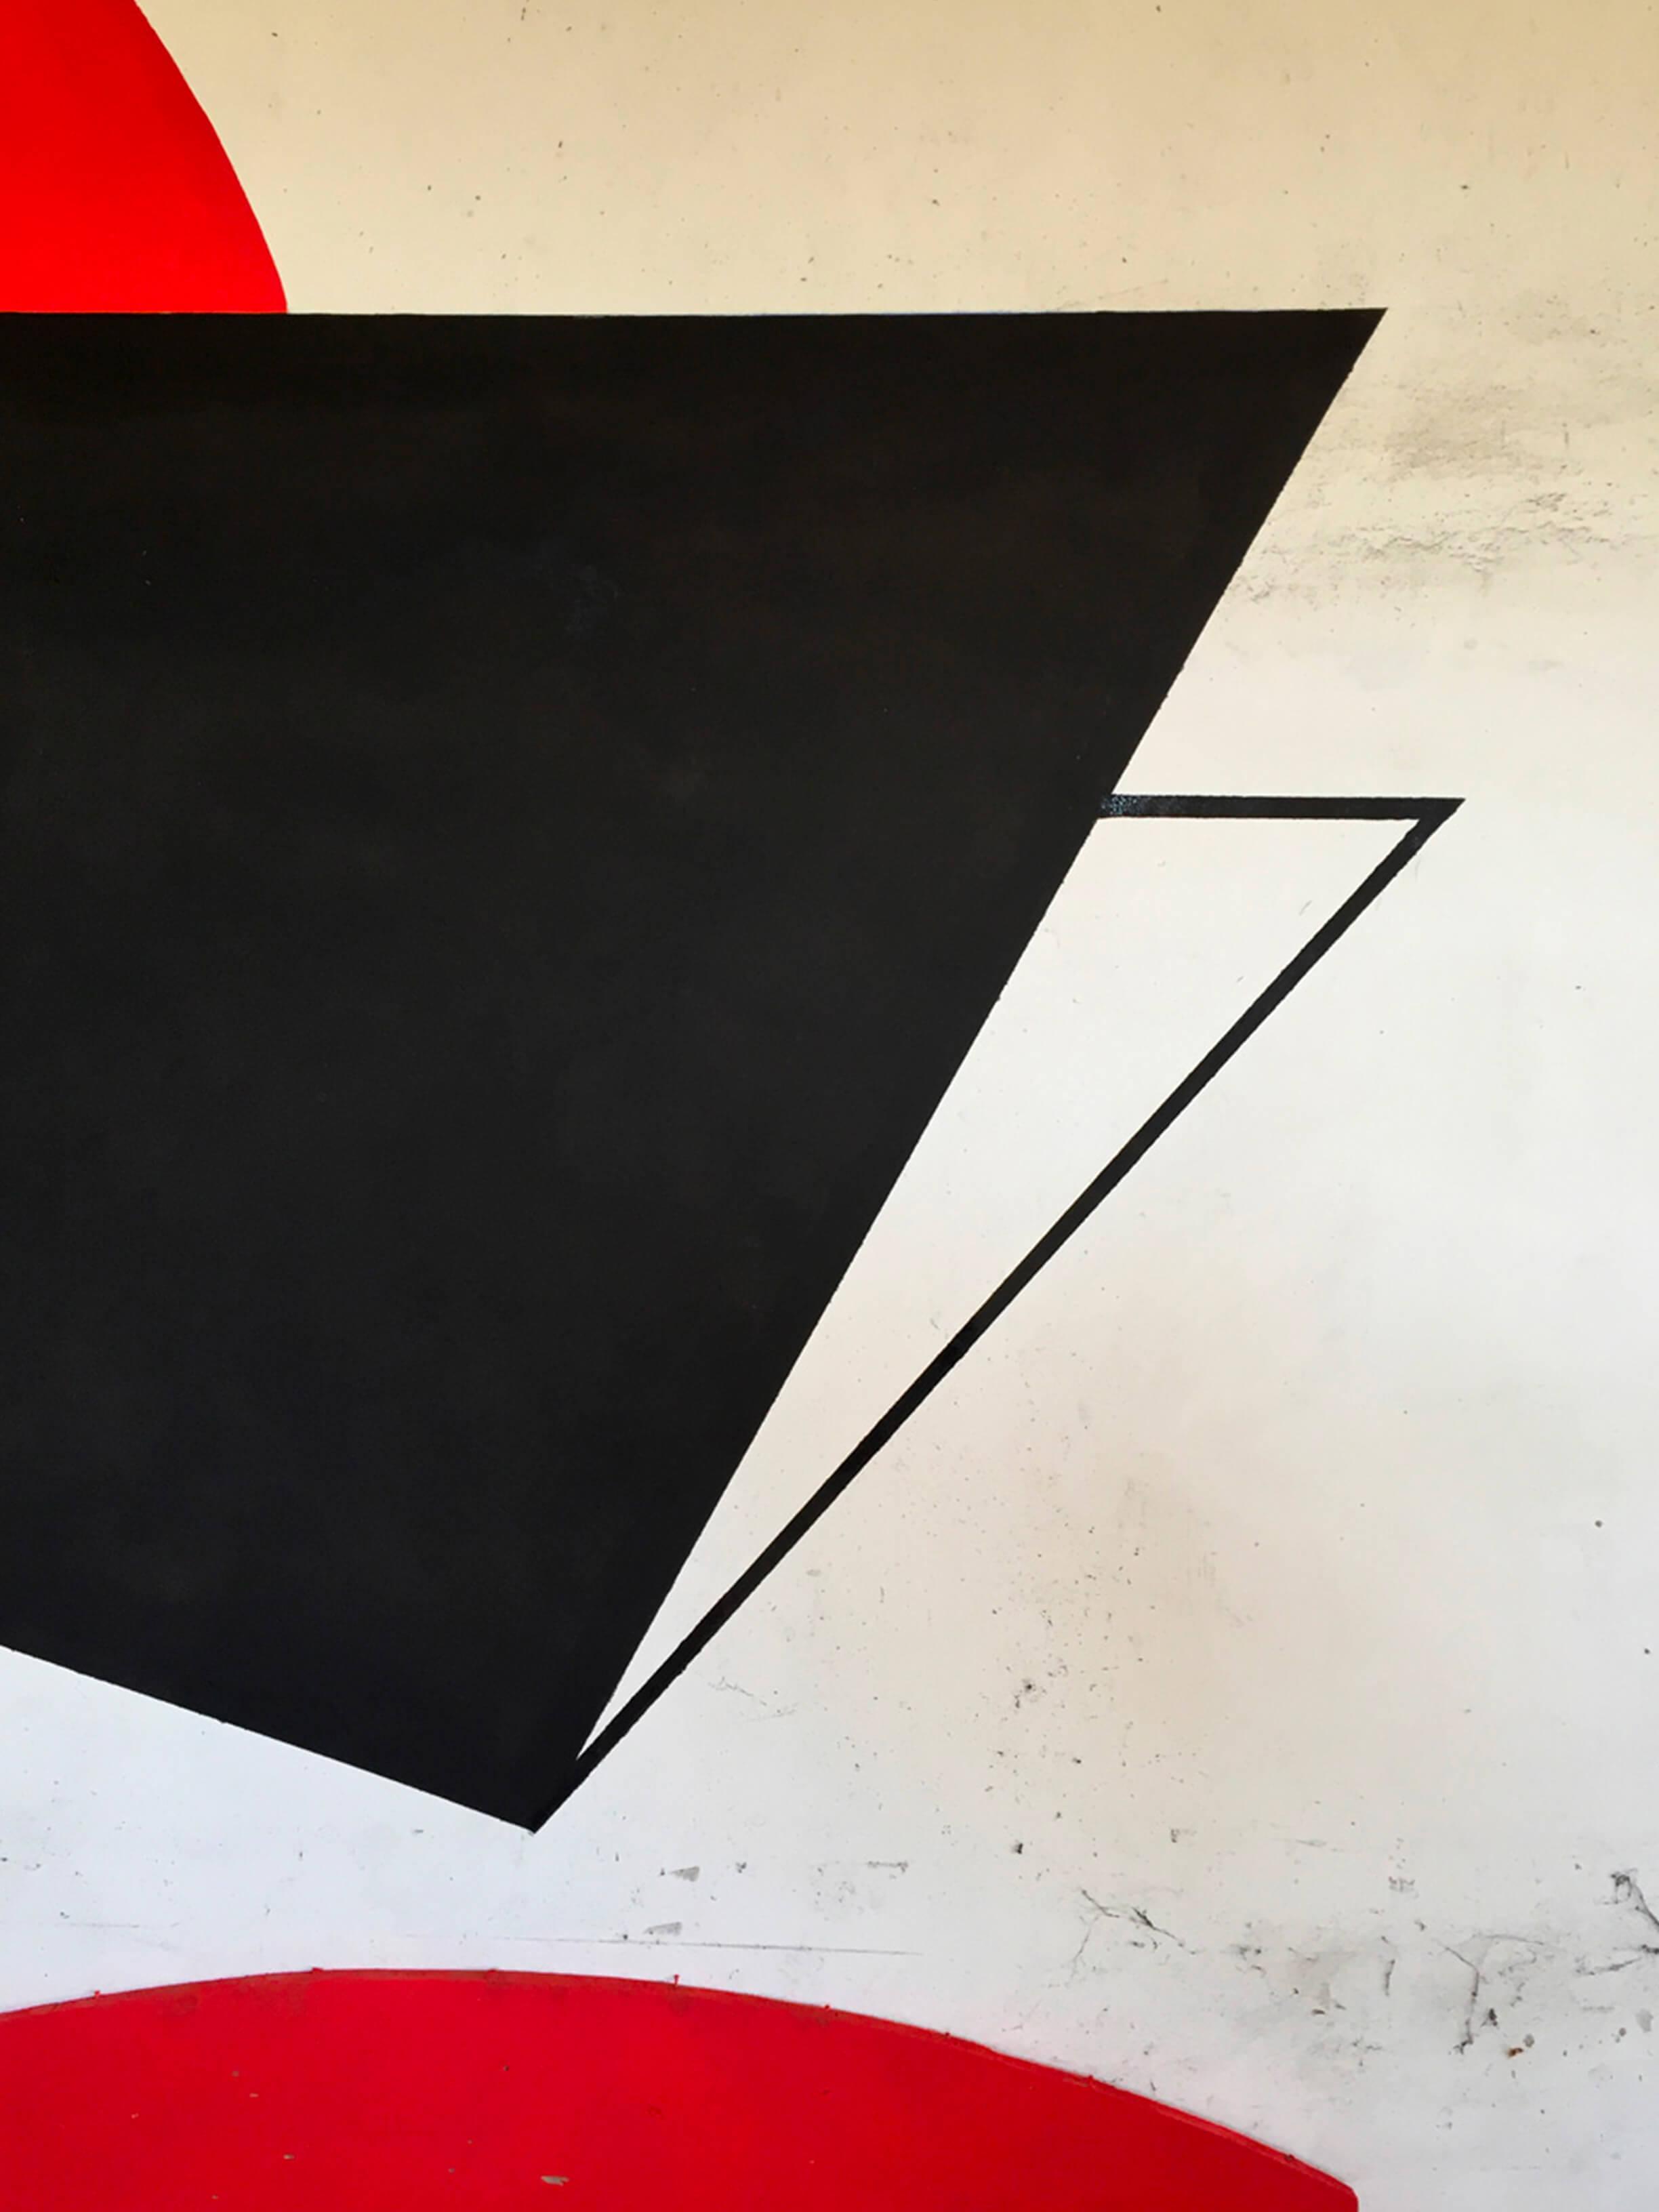 black_red_gabriele-demarin_fontface_3